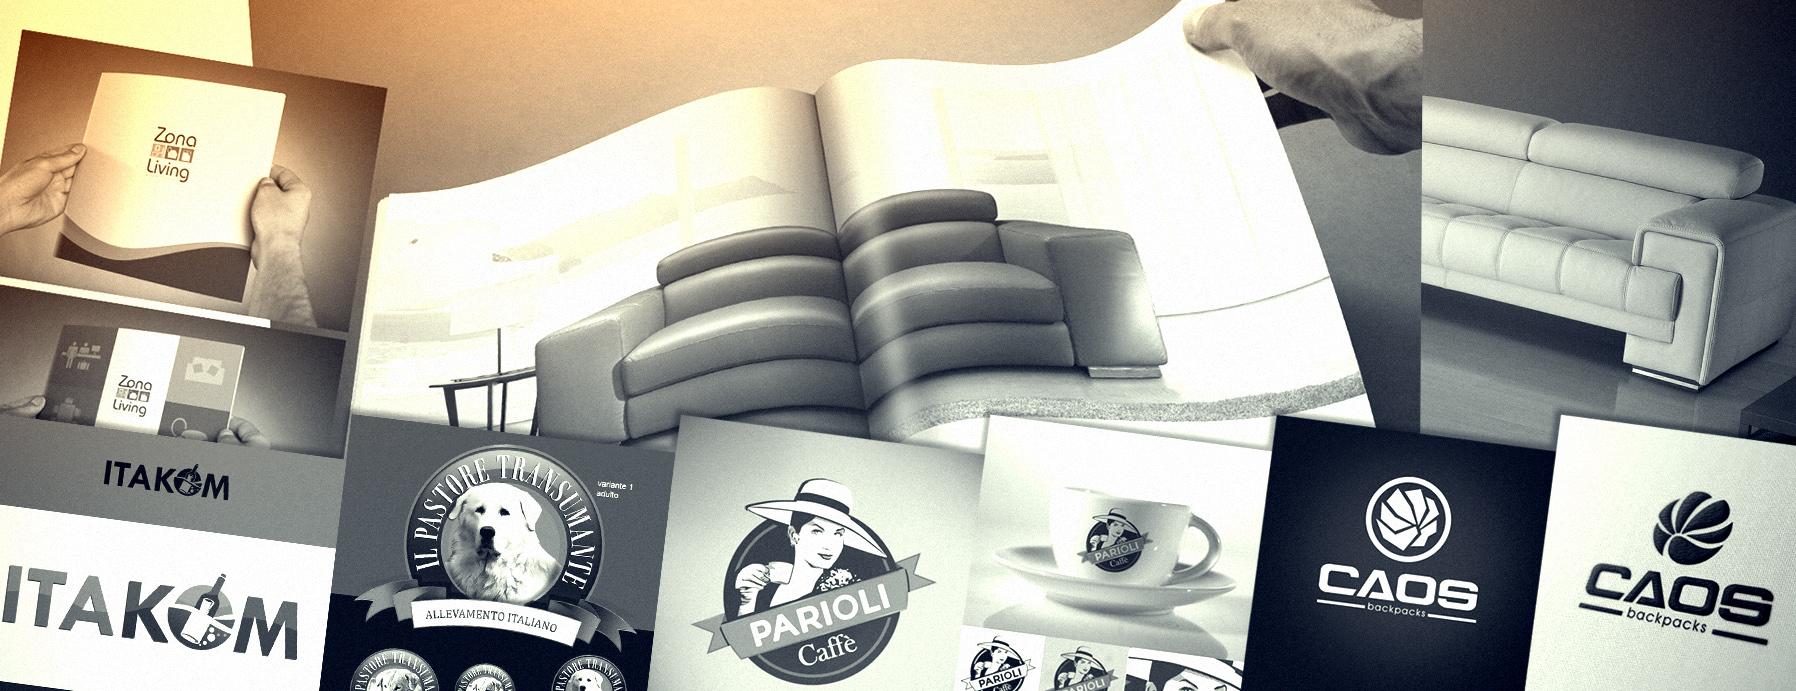 progettazione di immagine  aziendale cataloghi loghi e immagine coordinata